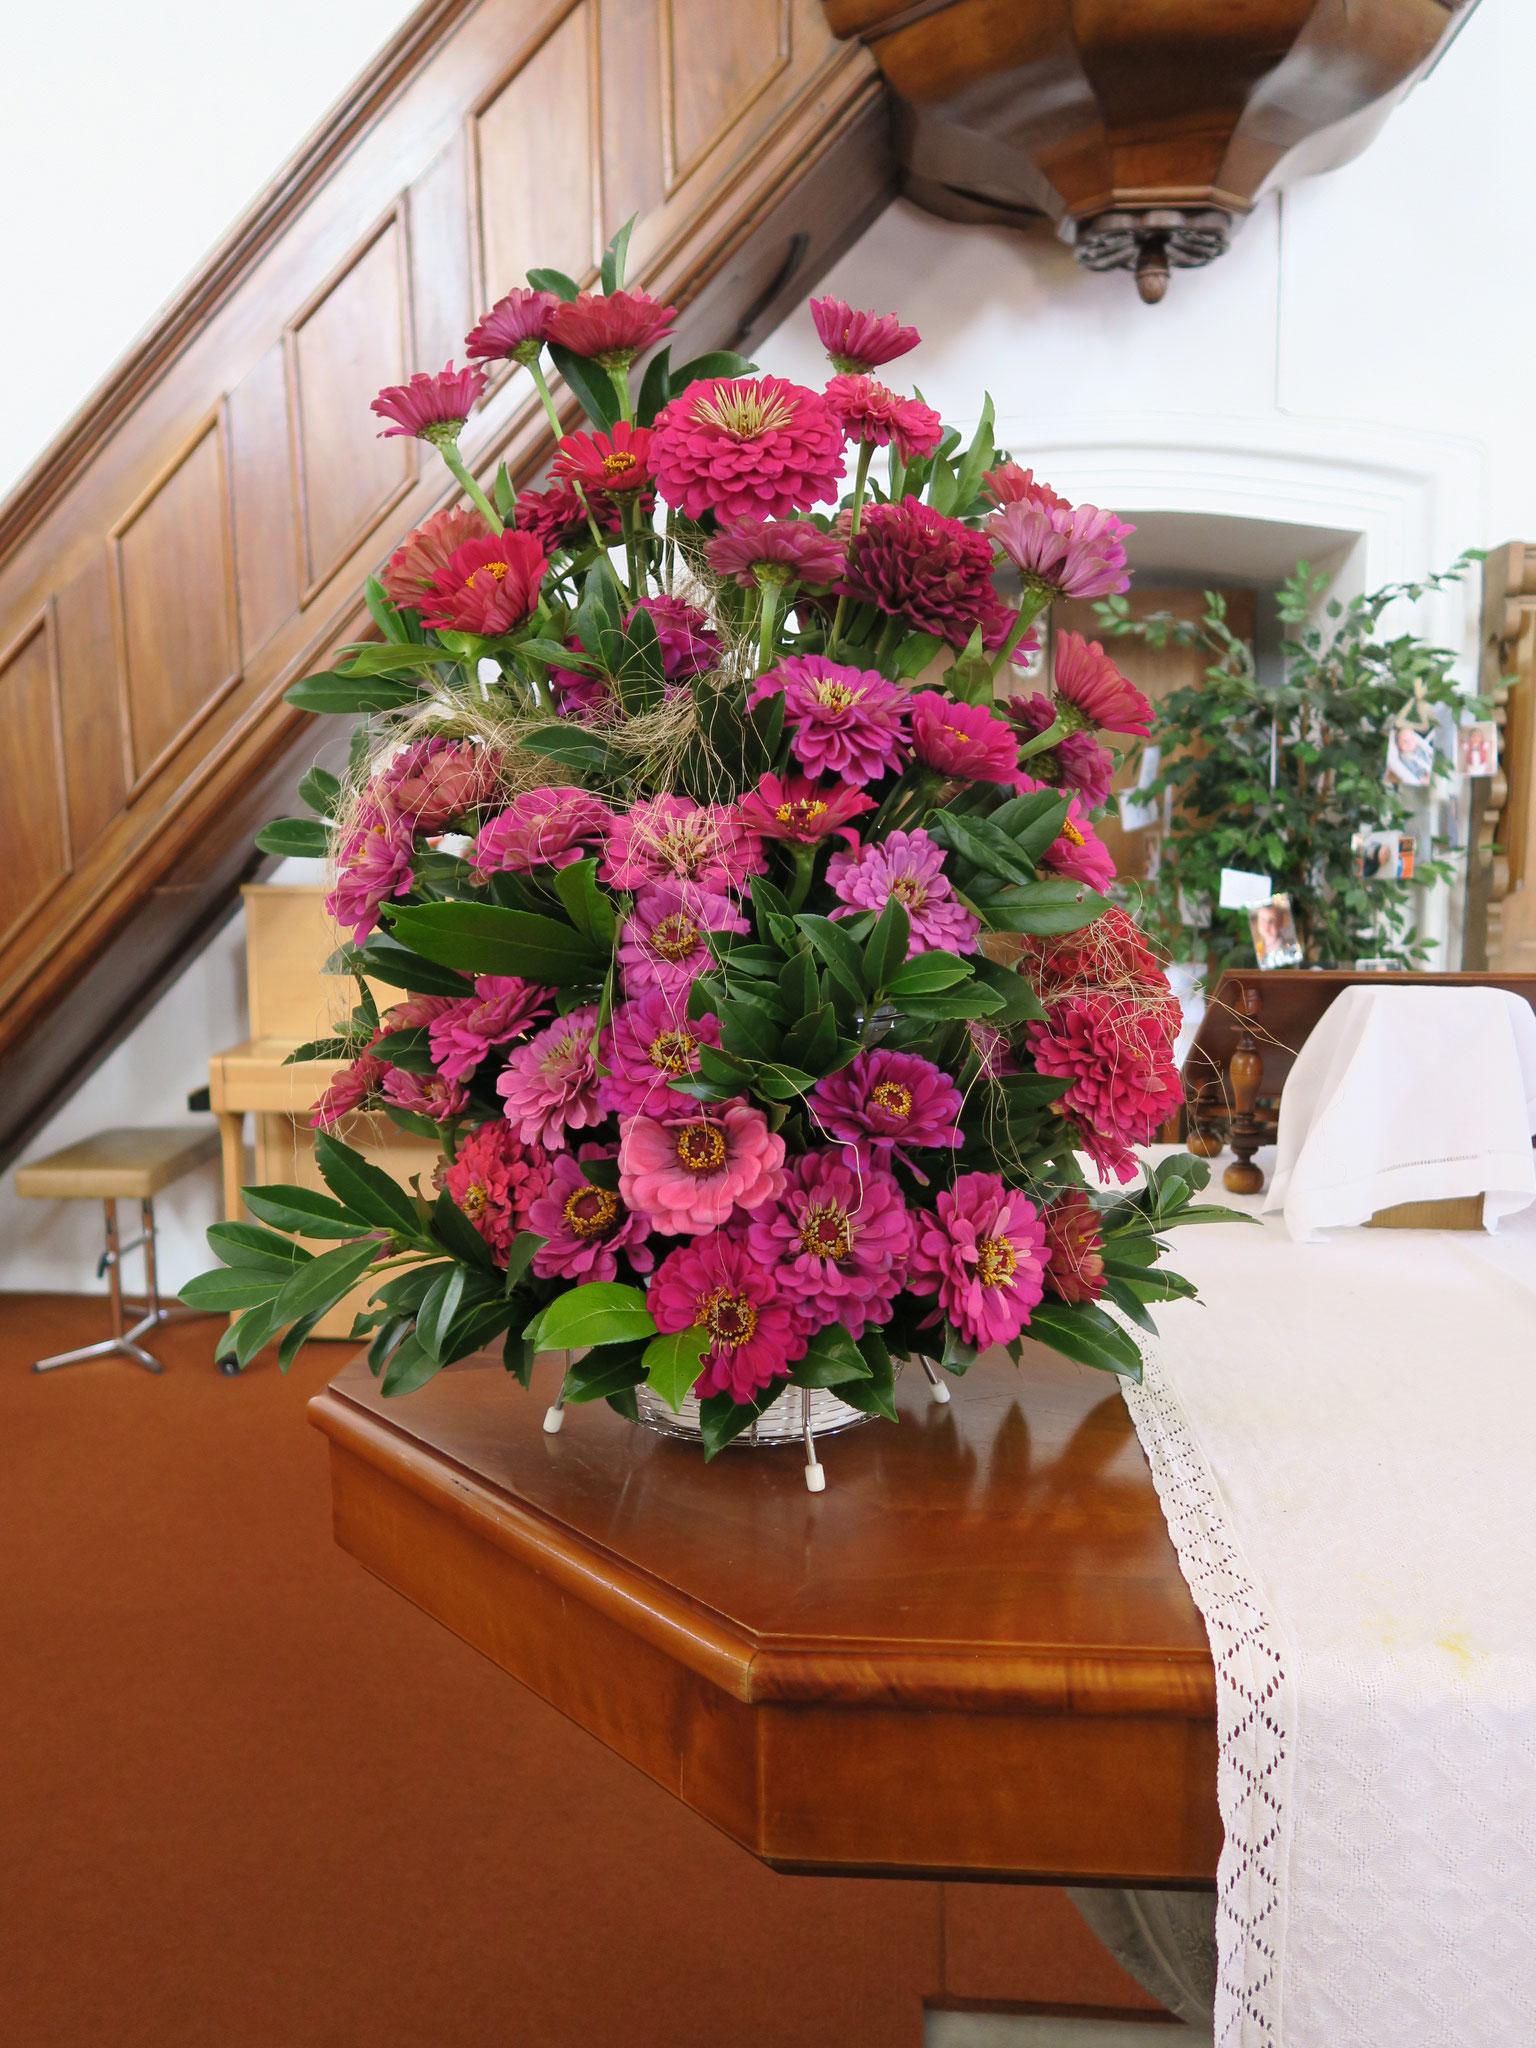 Von Theres Dietschi liebevoll hergerichteter Blumenschmuck